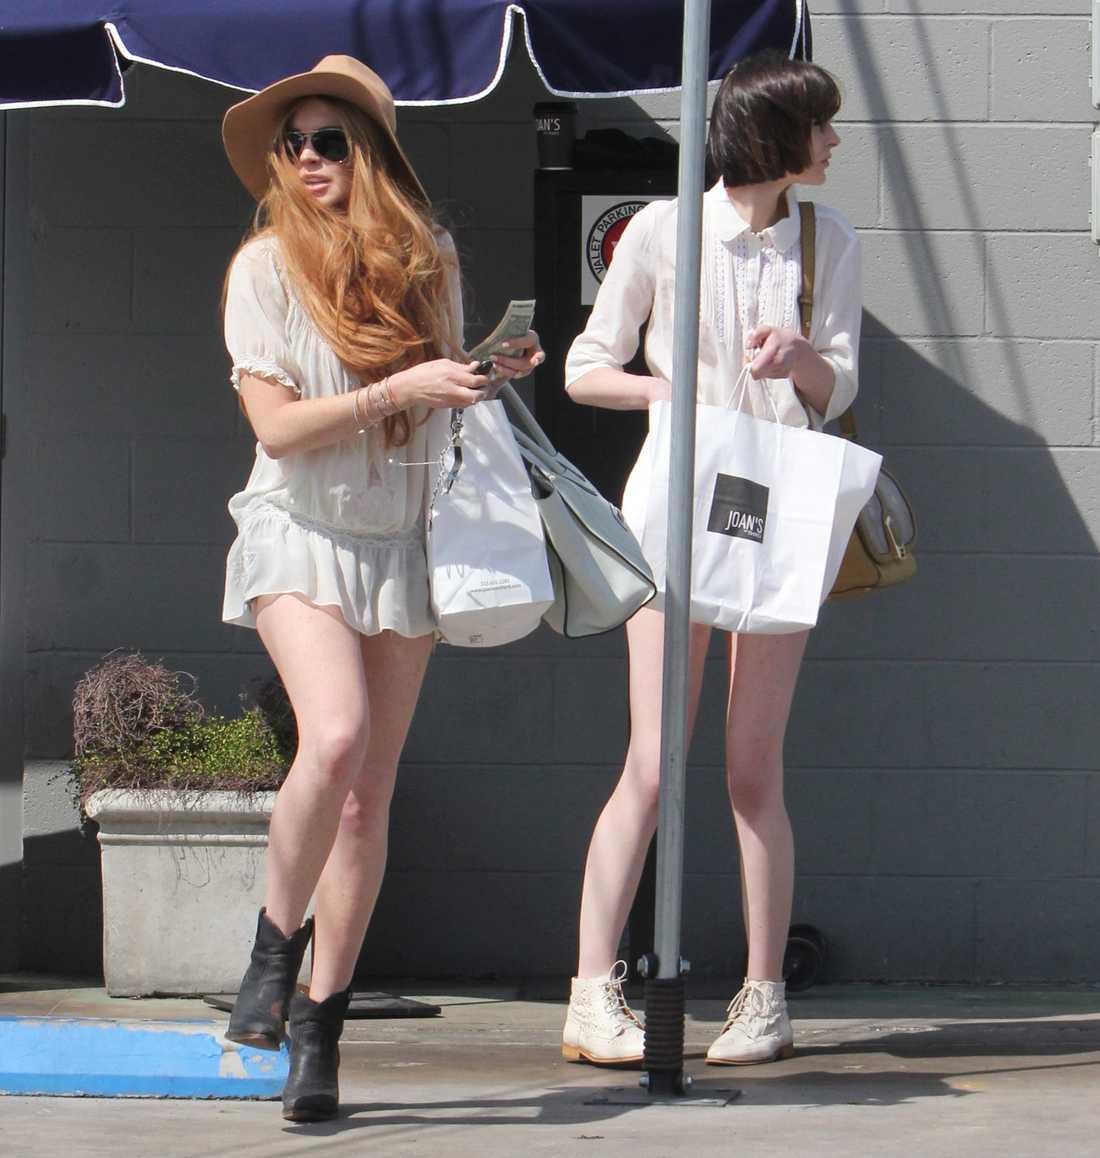 Syrrorna Lohan gör stan osäker, i höga skor och med shoppingpåsar. Foto: All Over Press